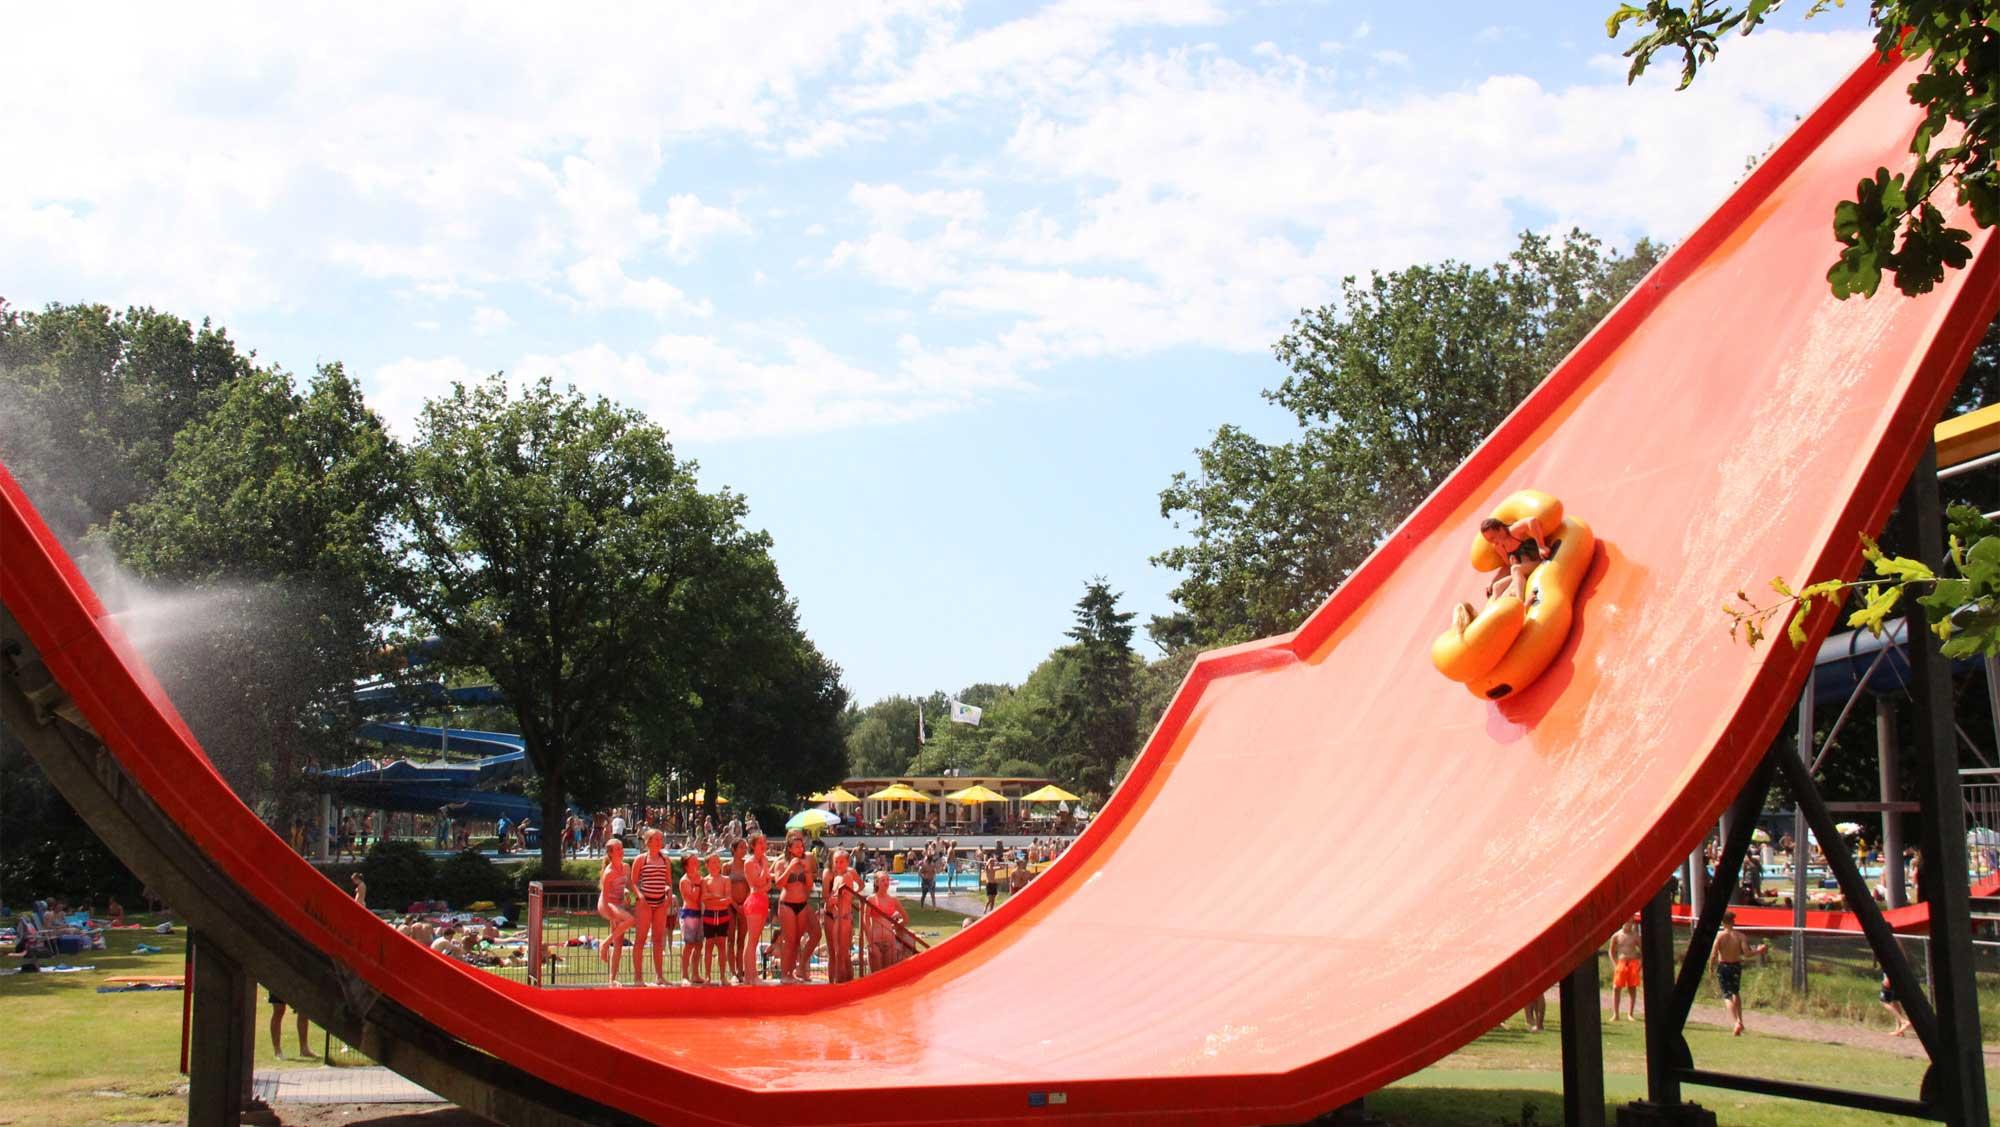 Molecaten Park Bosbad Hoeven 15 Waterspeelpark Splesj